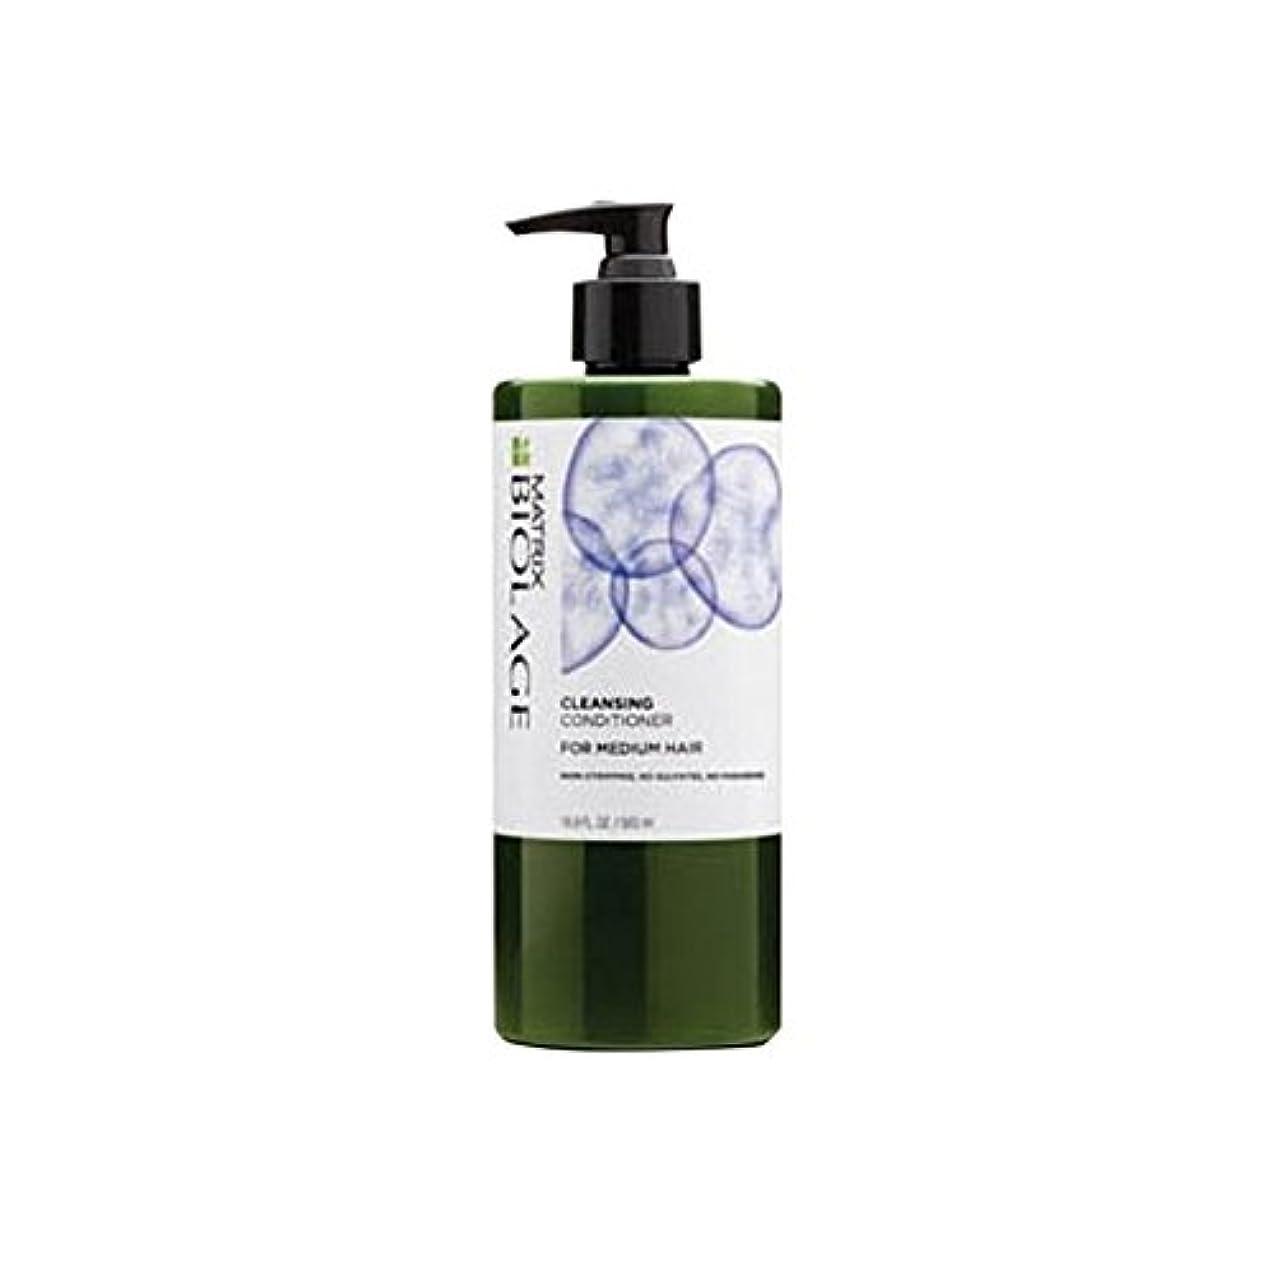 犯罪発音する建物Matrix Biolage Cleansing Conditioner - Medium Hair (500ml) - マトリックスバイオレイジクレンジングコンディショナー - メディア髪(500ミリリットル) [並行輸入品]